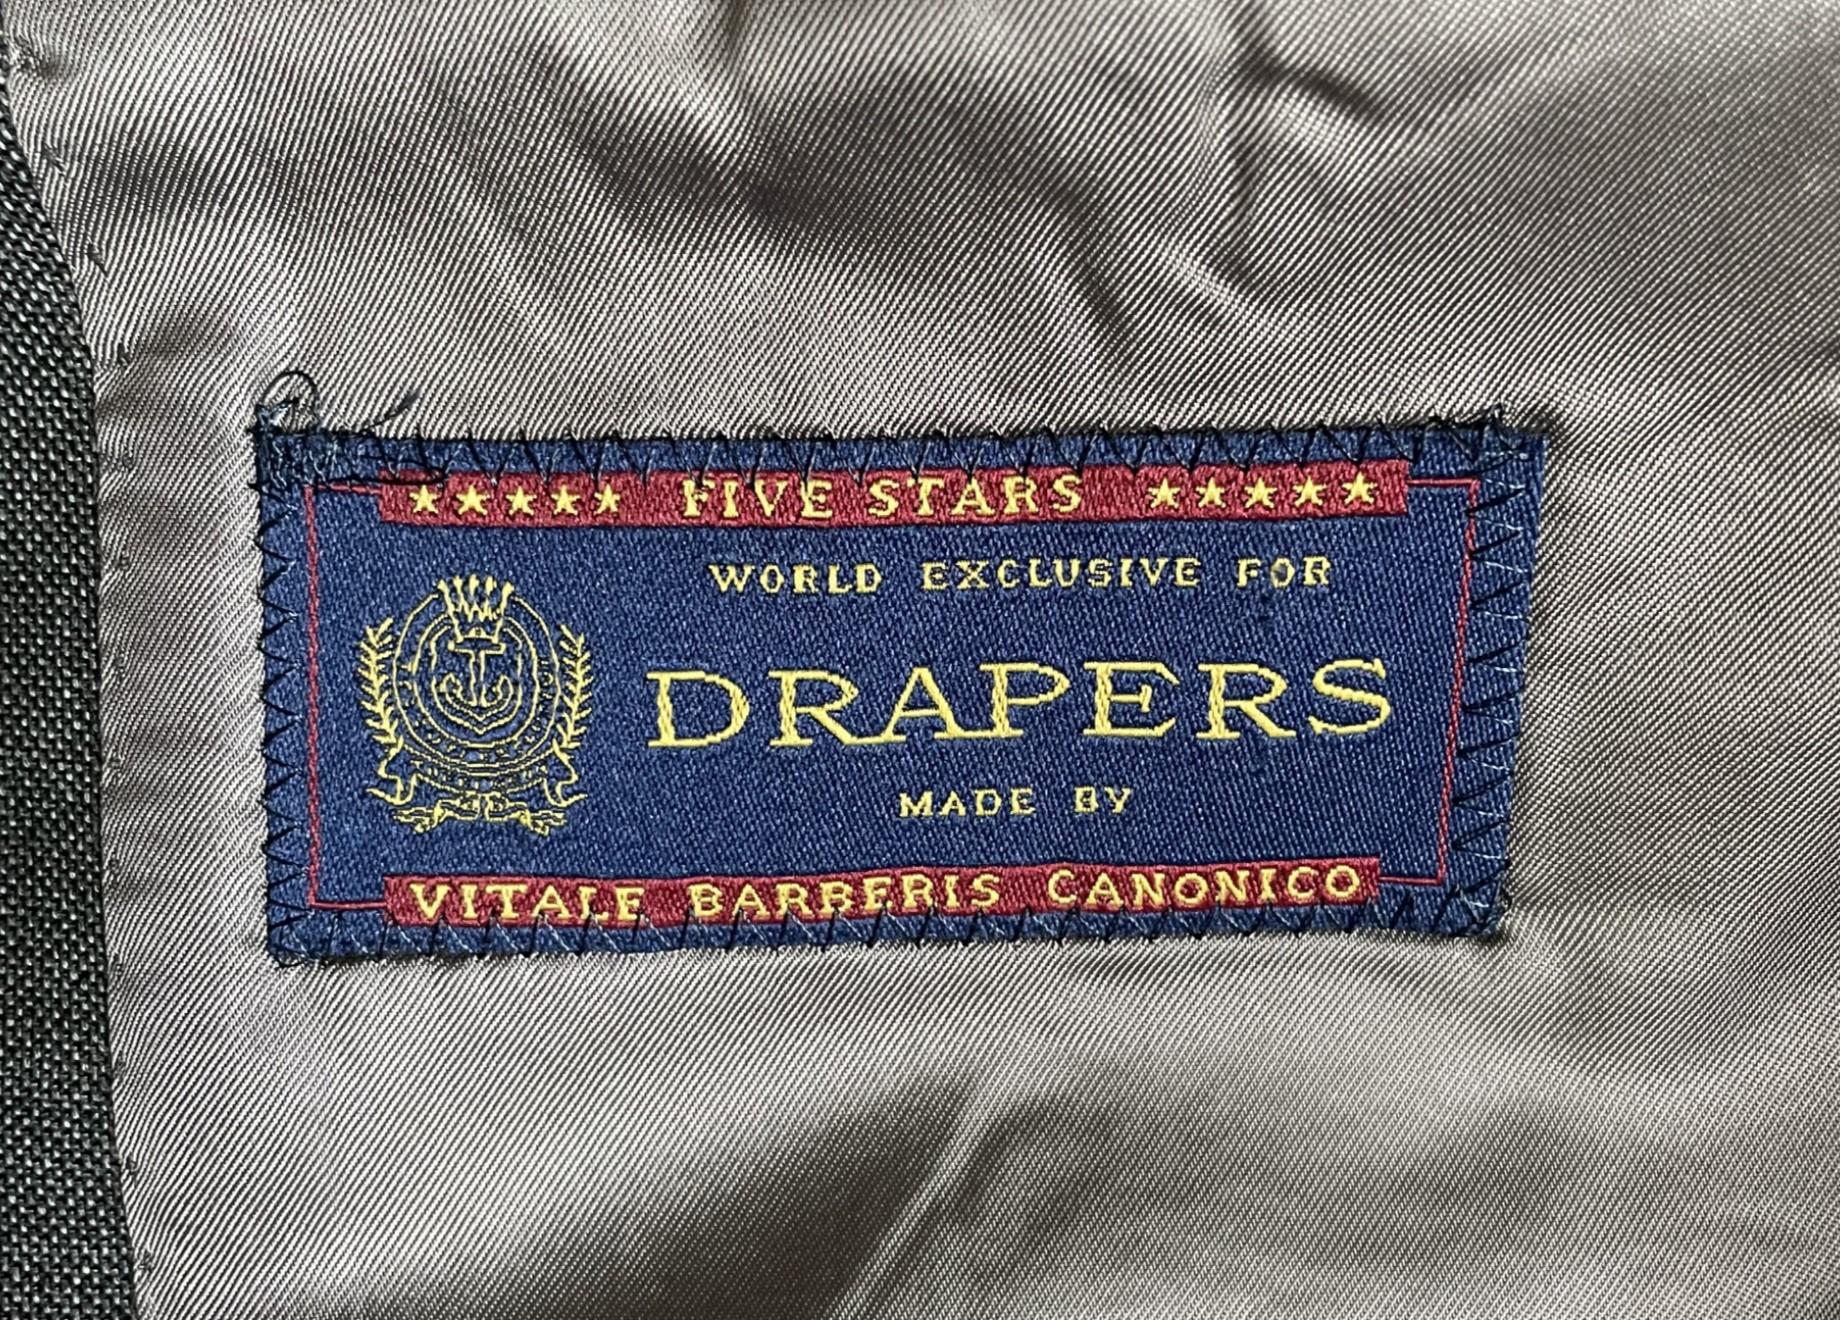 Eternelle anglophilie des dandies continentaux… La marque italienne s'est donné un nom anglais.